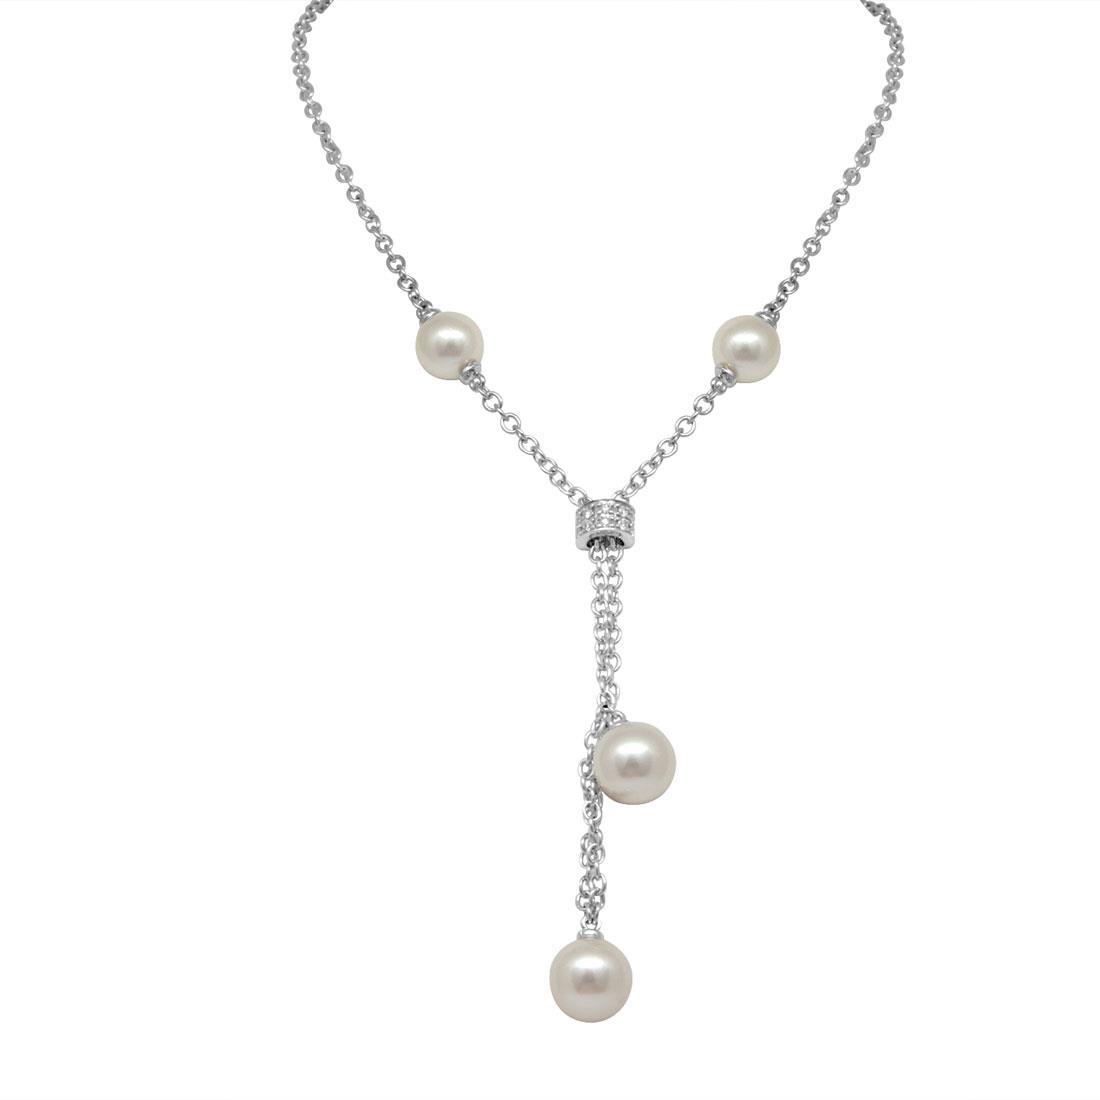 Collier in oro bianco con perle e diamanti - SALVINI